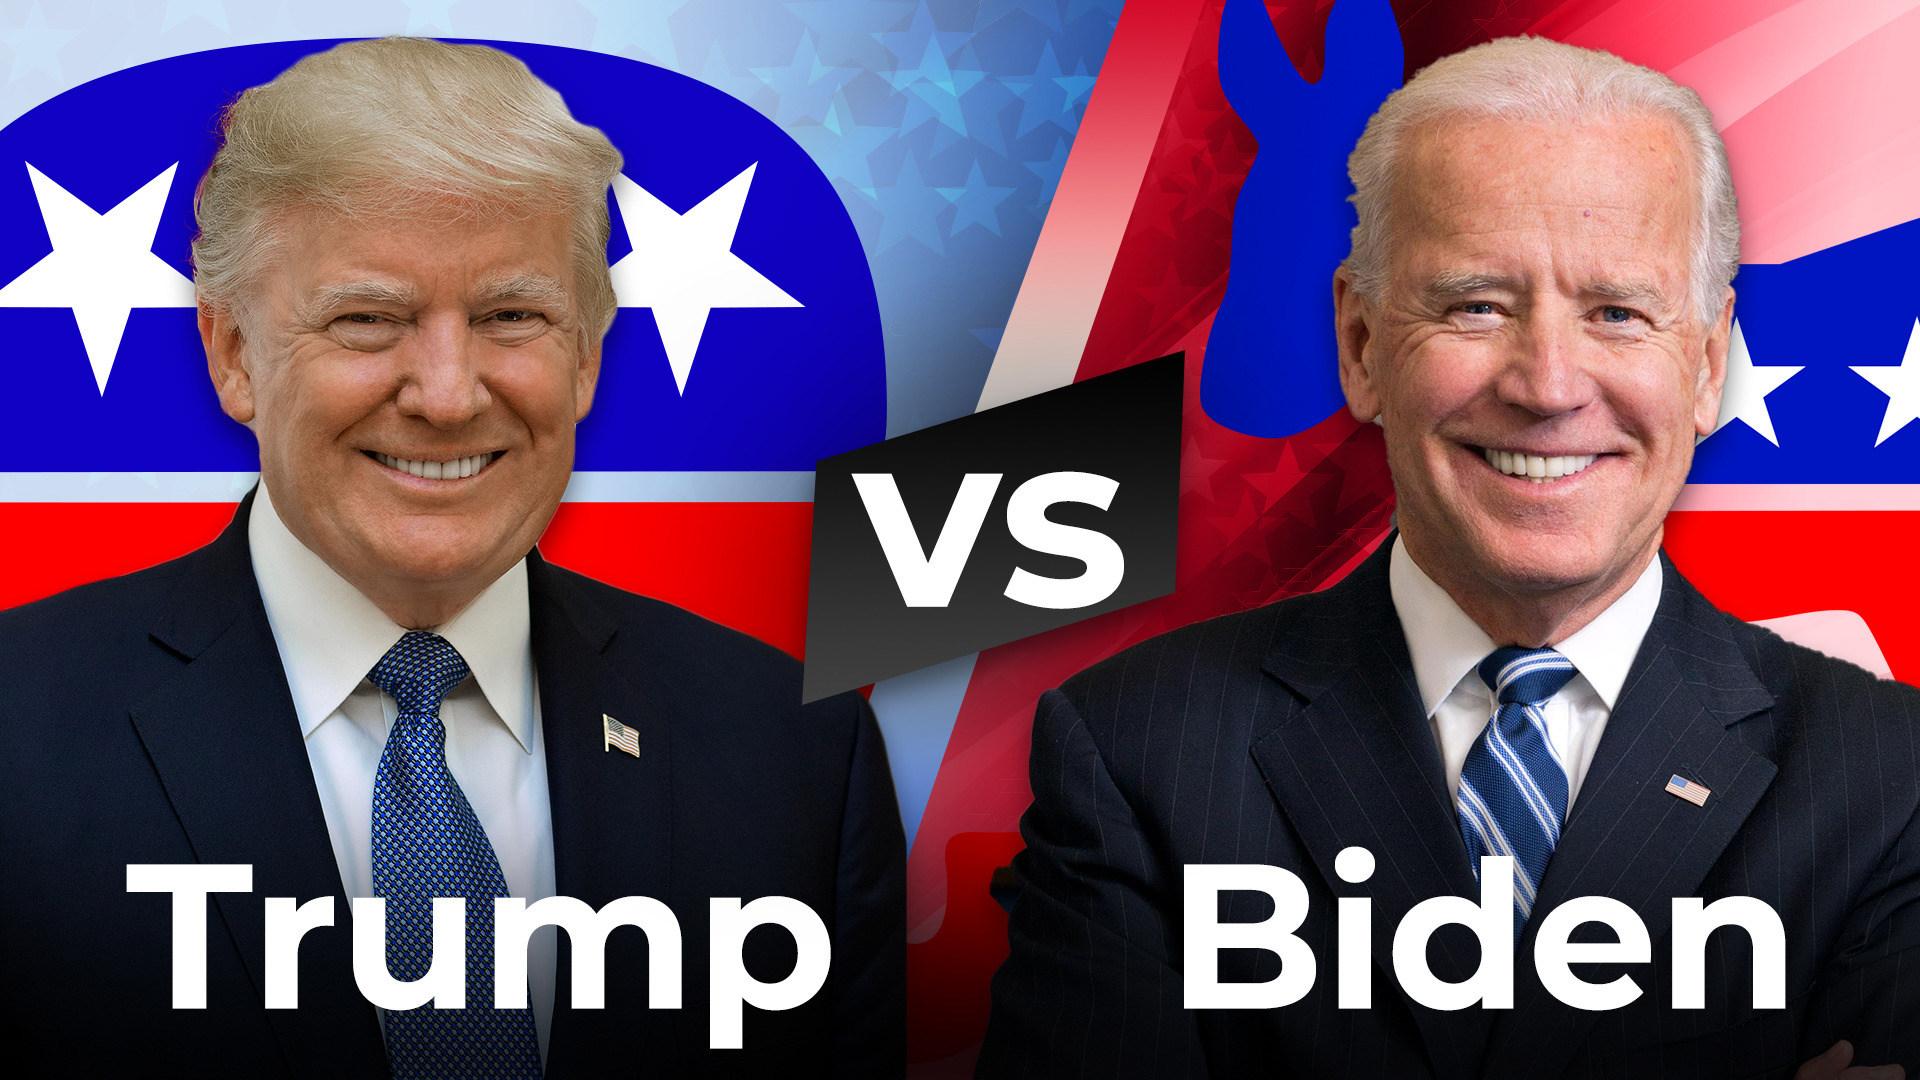 Usa, trump, Donald Trump, Präsident, US-Präsident, Weißes Haus, Versus, US-Wahl, US-Wahlen, US-Wahlen 2020, USA 2020, Joe Biden, Trump vs Biden, Donald Trump vs Joe Biden, Donald vs. Joe